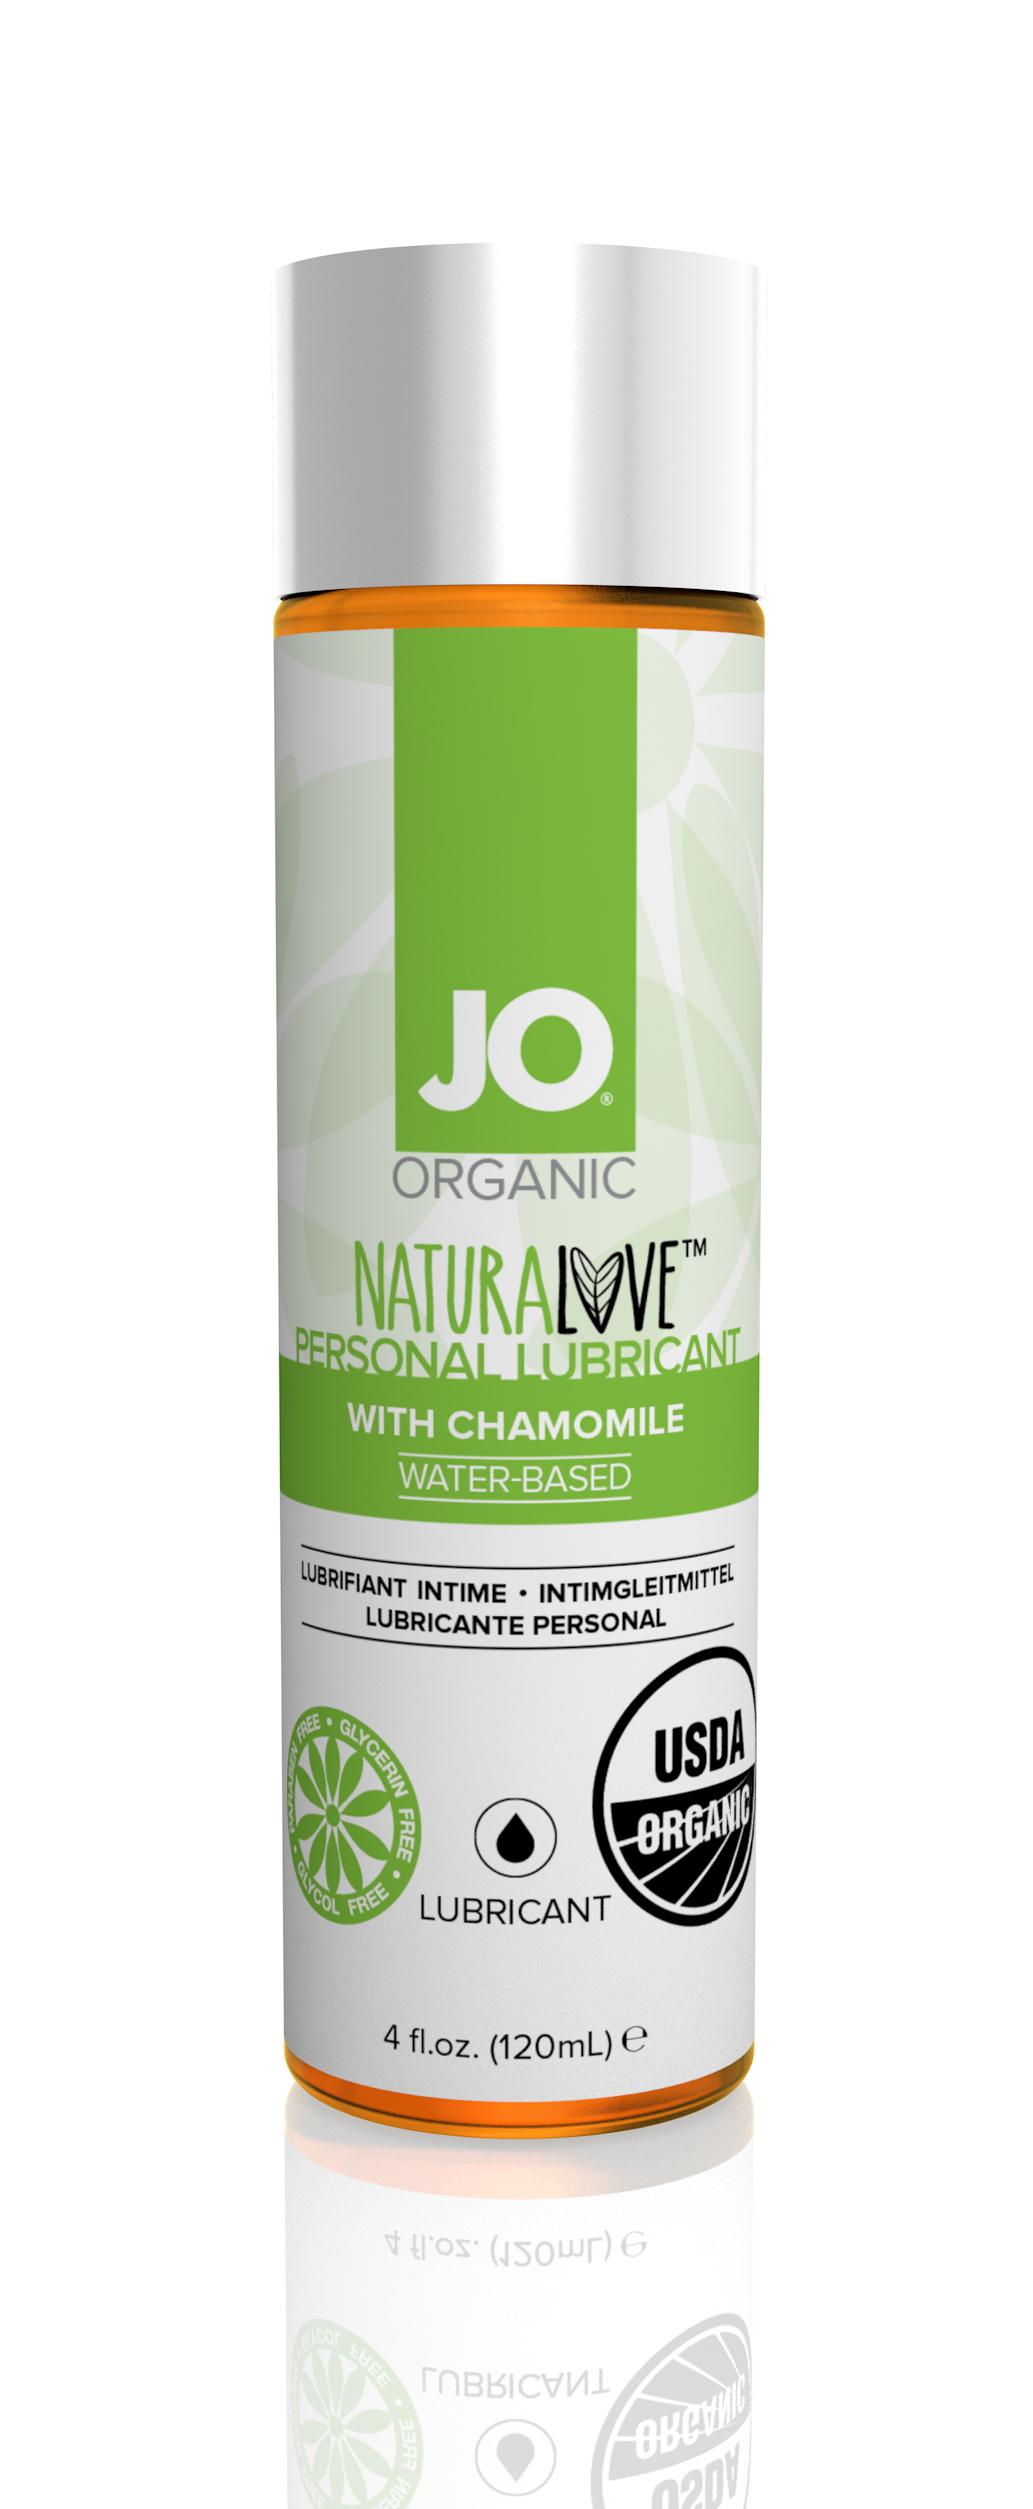 JO Naturalove Personal Lubricant